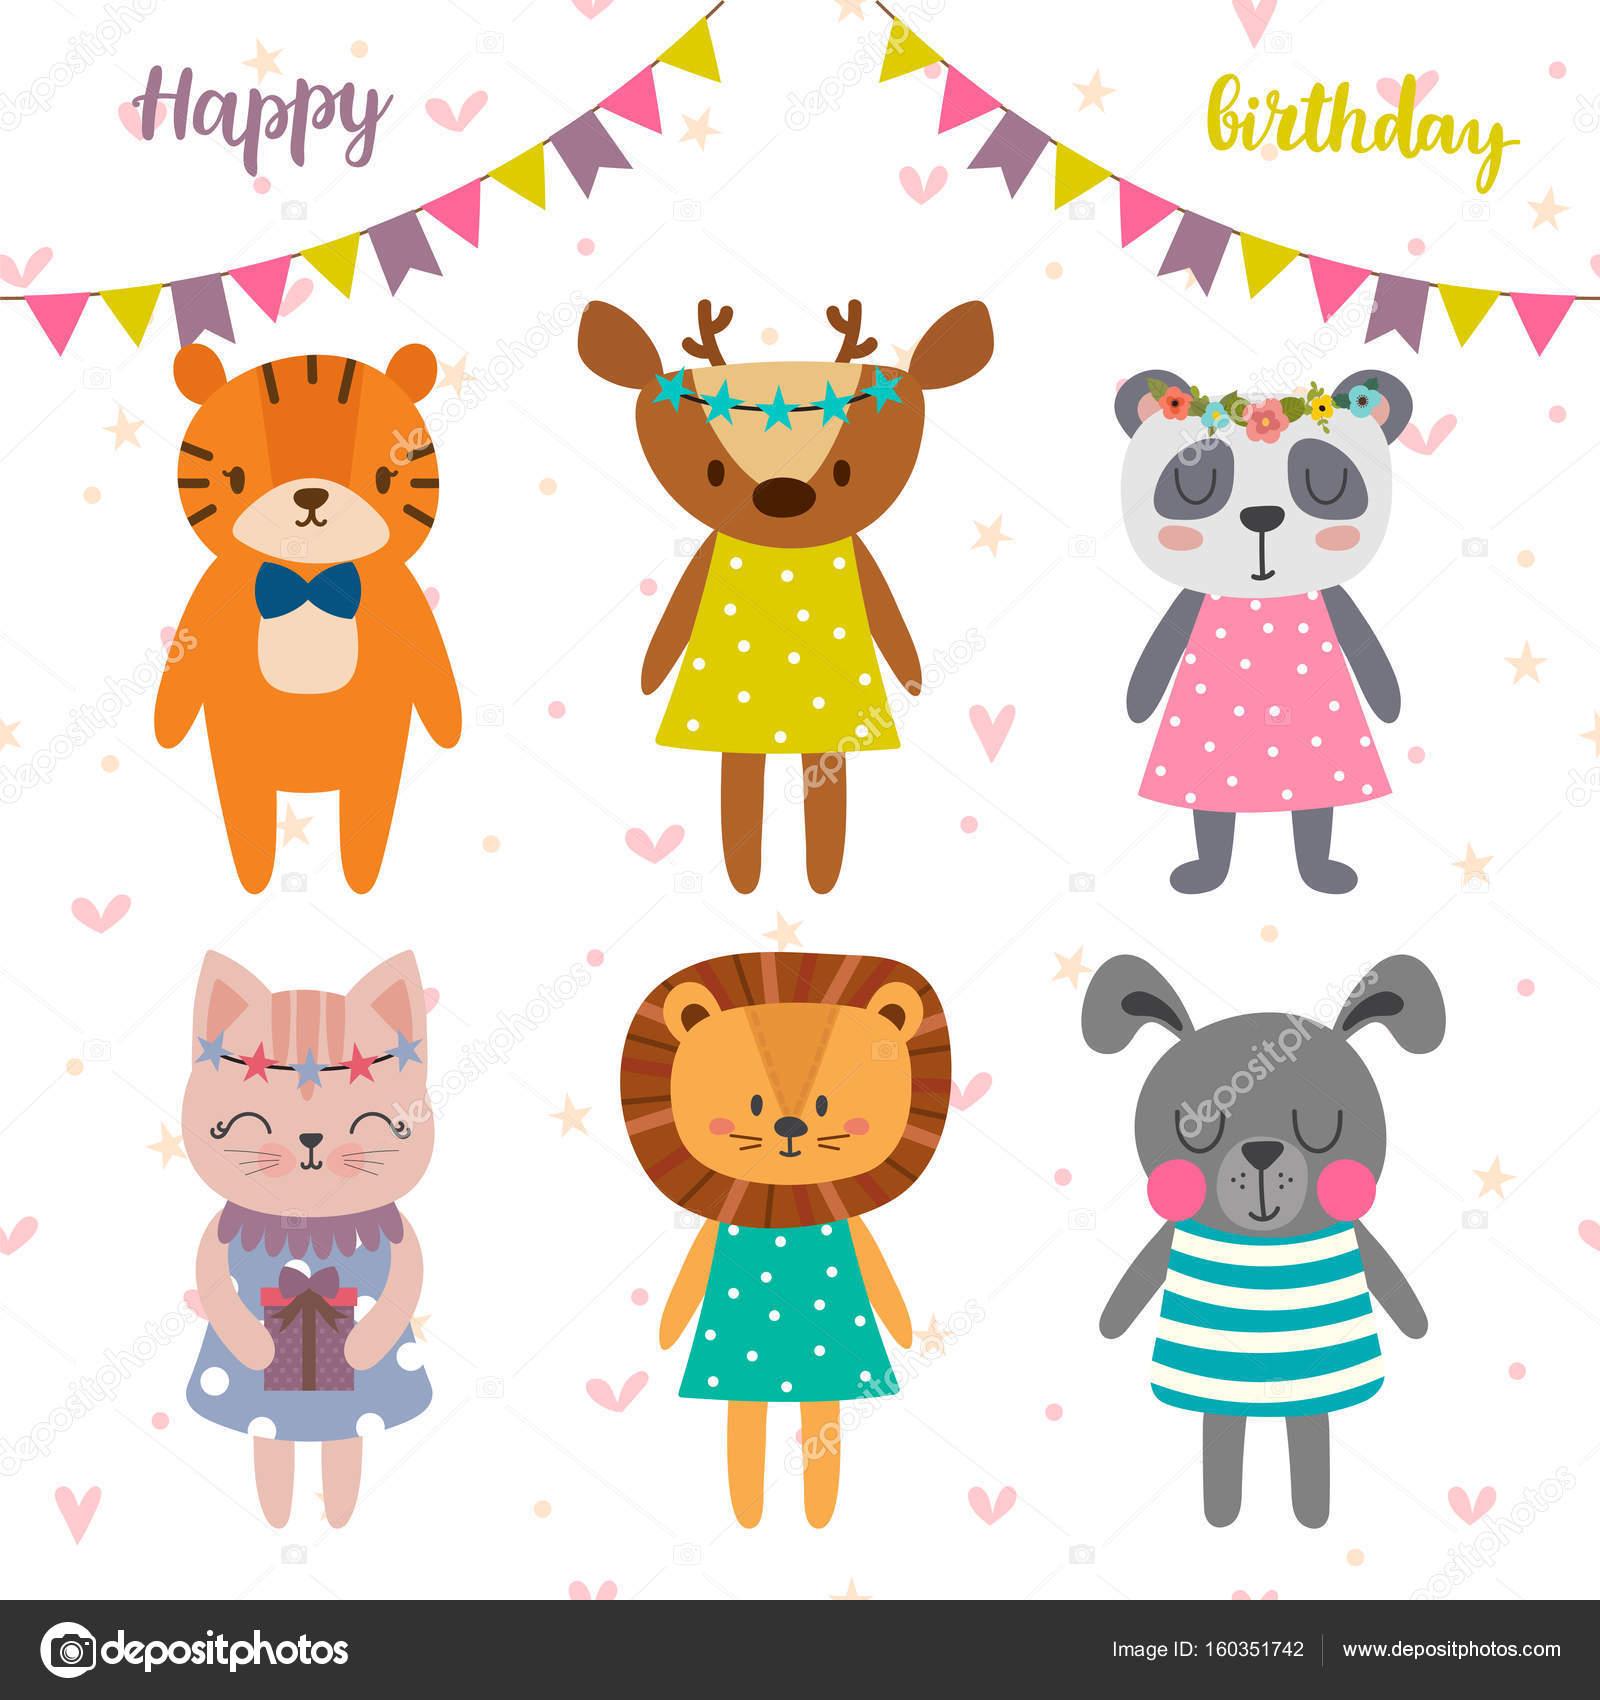 vtipné pohlednice k narozeninám Všechno nejlepší k narozeninám design s roztomilé kreslené zvířata  vtipné pohlednice k narozeninám